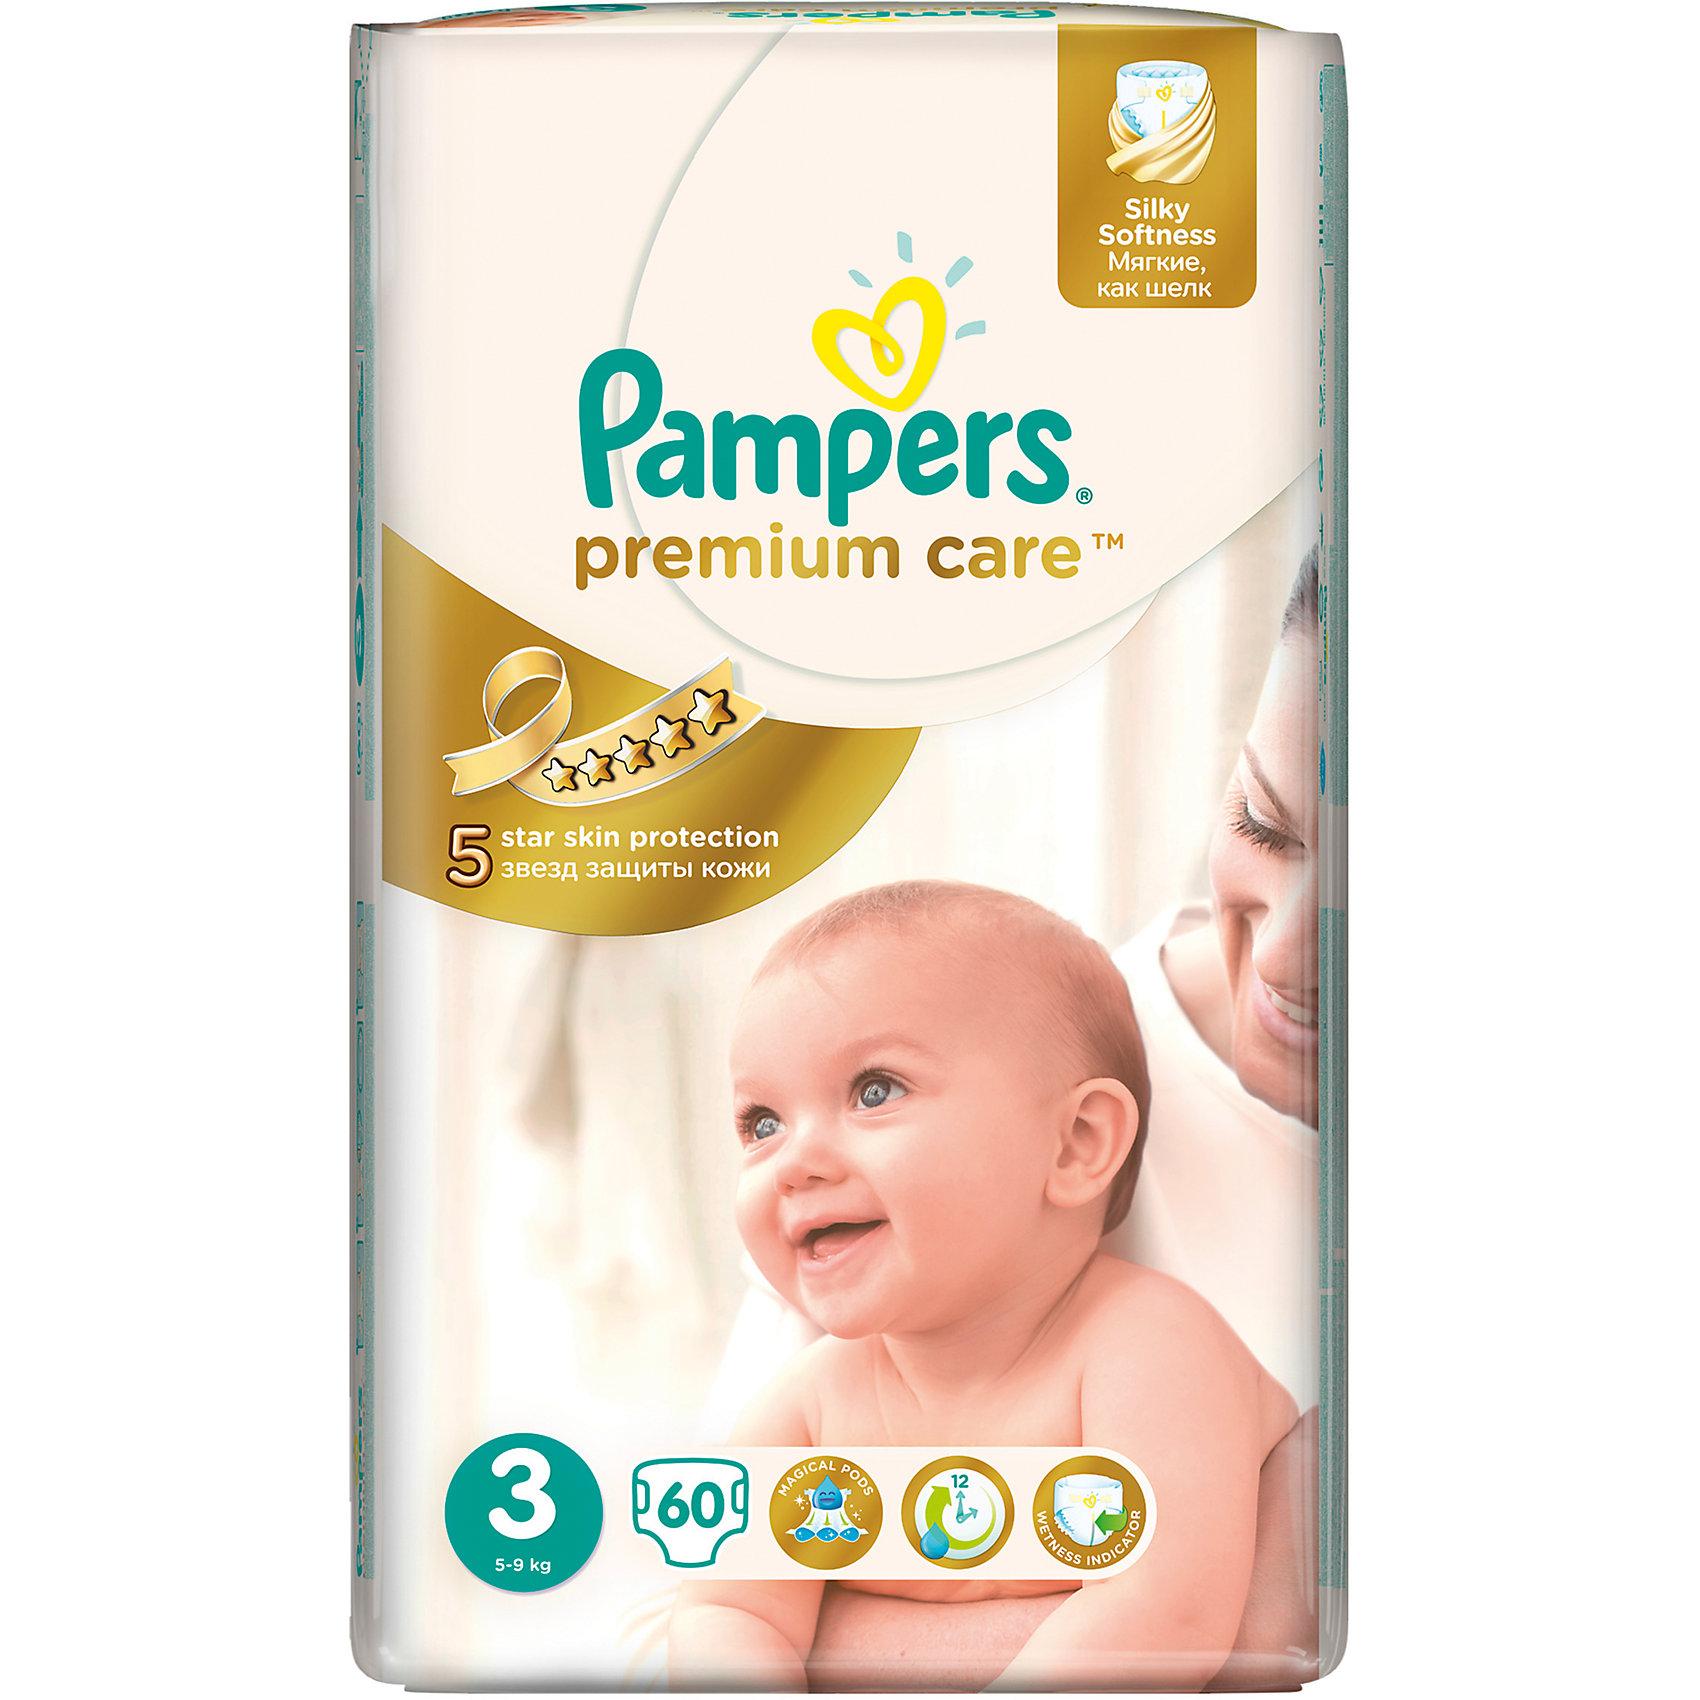 Подгузники Pampers Premium Care Midi, 5-9 кг., 60 шт.Подгузники классические<br>Подгузники Pampers Premium Care Midi (Памперс премиум кеа), 5-9 кг., 60 шт.<br><br>Характеристики:<br><br>• мягкие как шелк<br>• впитывающие каналы равномерно распределяют влагу<br>• удерживают влагу до 12 часов<br>• дышащие материалы обеспечивают правильную циркуляцию воздуха<br>• индикатор влаги подскажет, что нужно сменить подгузник<br>• эластичные боковинки защищают от протеканий<br>• состав бальзама: вазелин, стеариловый спирт, экстракт алоэ, жидкий вазелин/вазелиновое масло<br>• размер: 5-9 кг<br>• количество: 60 шт.<br>• размер упаковки: 41,2х11,5х20,8 см<br>• вес: 1409 грамм<br><br>Подгузники Pampers Premium Care подарят вашему малышу сухость и комфорт на всю ночь! Подгузники имеют три впитывающих канала, которые позволяют равномерно распределить влагу без образования комков. Специальный впитывающий слой быстро абсорбирует и удерживает влагу до 12 часов, позволяя избежать соприкосновения с кожей. Эластичные боковинки подгузников помогут предотвратить натирание на коже. Внешний слой позволяет коже ребёнка дышать всю ночь, обеспечивая правильную микроциркуляцию кожи. Подгузники имеют индикатор влаги, который напомнит вам о необходимости смены подгузника. Pampers Premium Care мягкие словно шёлк. В них кроха всегда будет готов к новым открытиям!<br><br>Подгузники Pampers Premium Care Midi (Памперс премиум кеа), 5-9 кг., 60 шт. можно купить в нашем интернет-магазине.<br><br>Ширина мм: 208<br>Глубина мм: 115<br>Высота мм: 412<br>Вес г: 1409<br>Возраст от месяцев: 0<br>Возраст до месяцев: 9<br>Пол: Унисекс<br>Возраст: Детский<br>SKU: 5422936